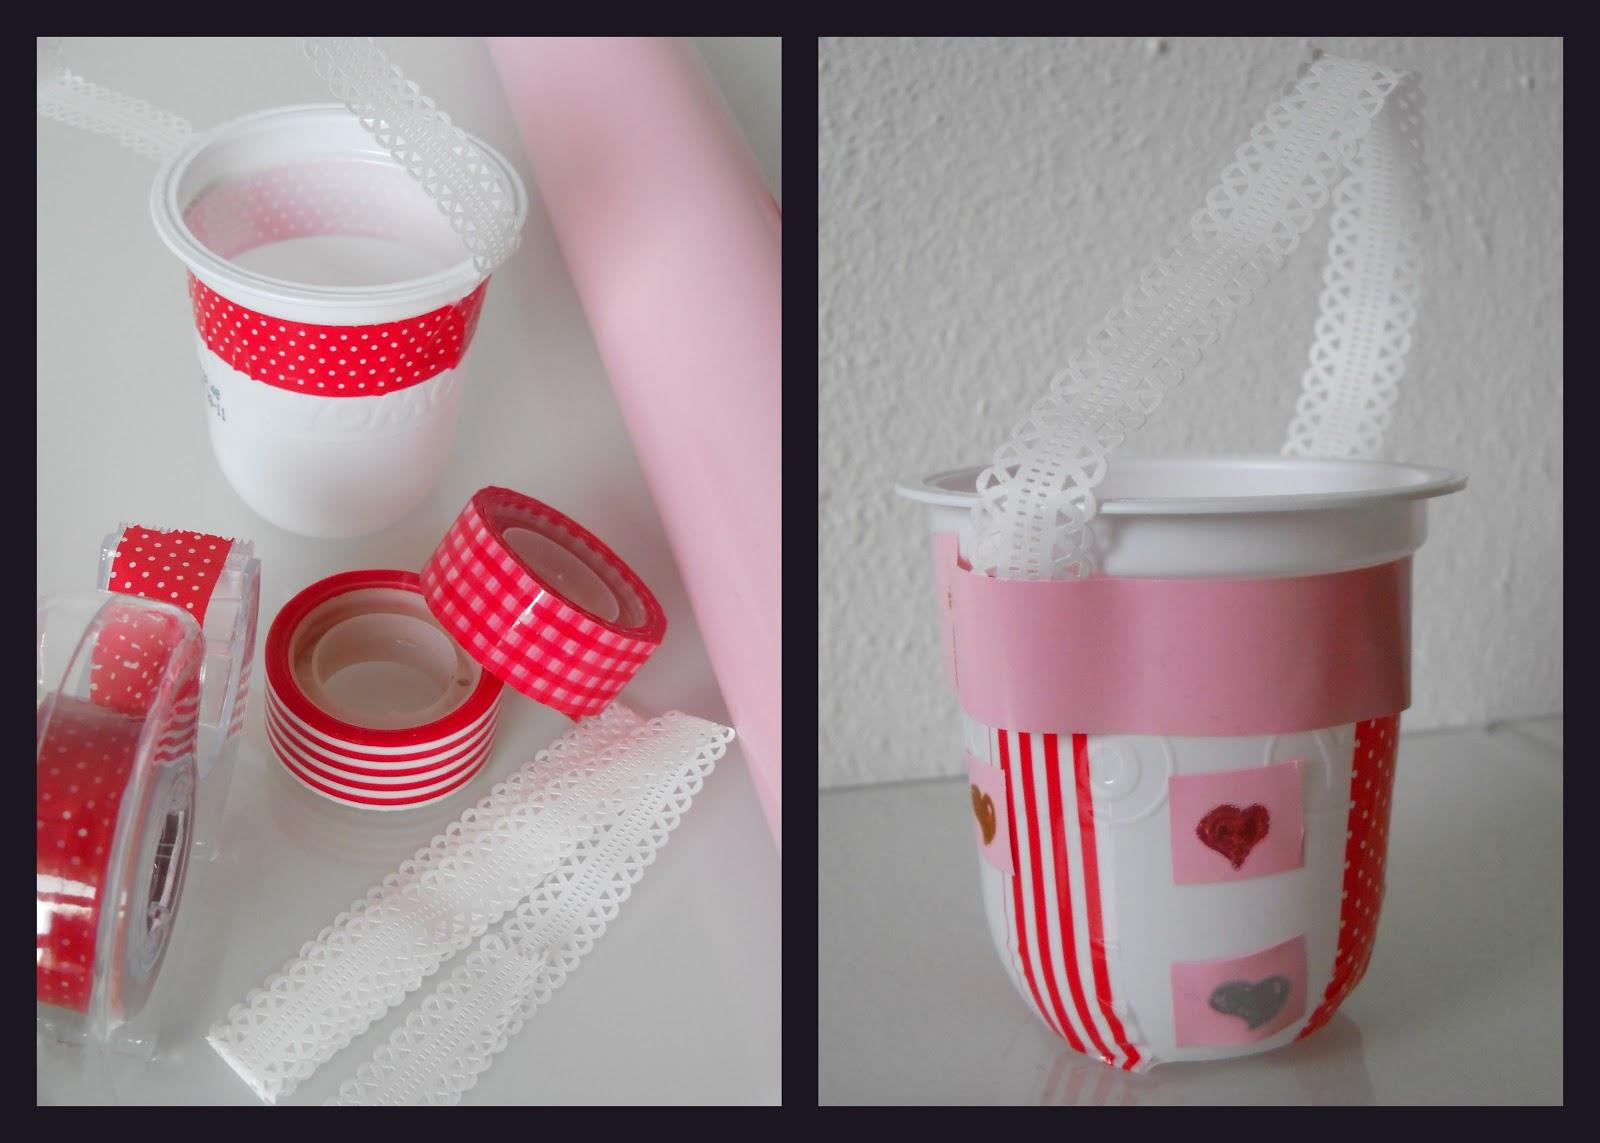 Riciclo natalizio cestini con vasetti dello yogurt a tea for u - Cosa vedo dalla mia finestra tema ...